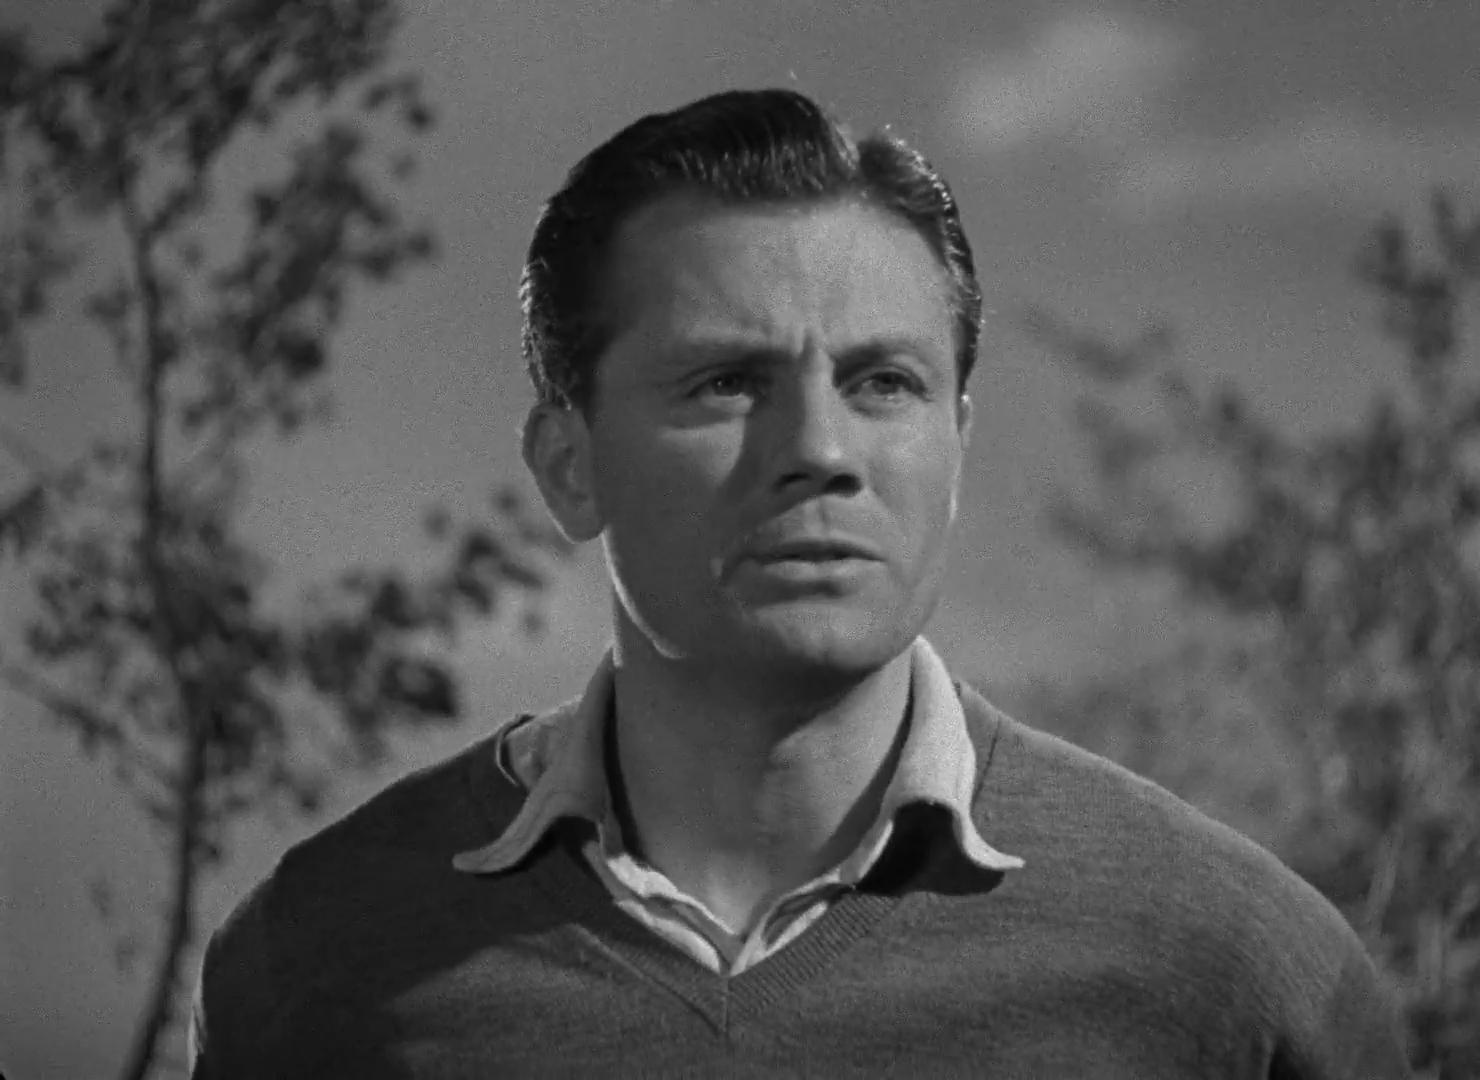 Pat Mc Grath dans le film The halfway house (L'auberge fantôme, 1944) de Basil Dearden